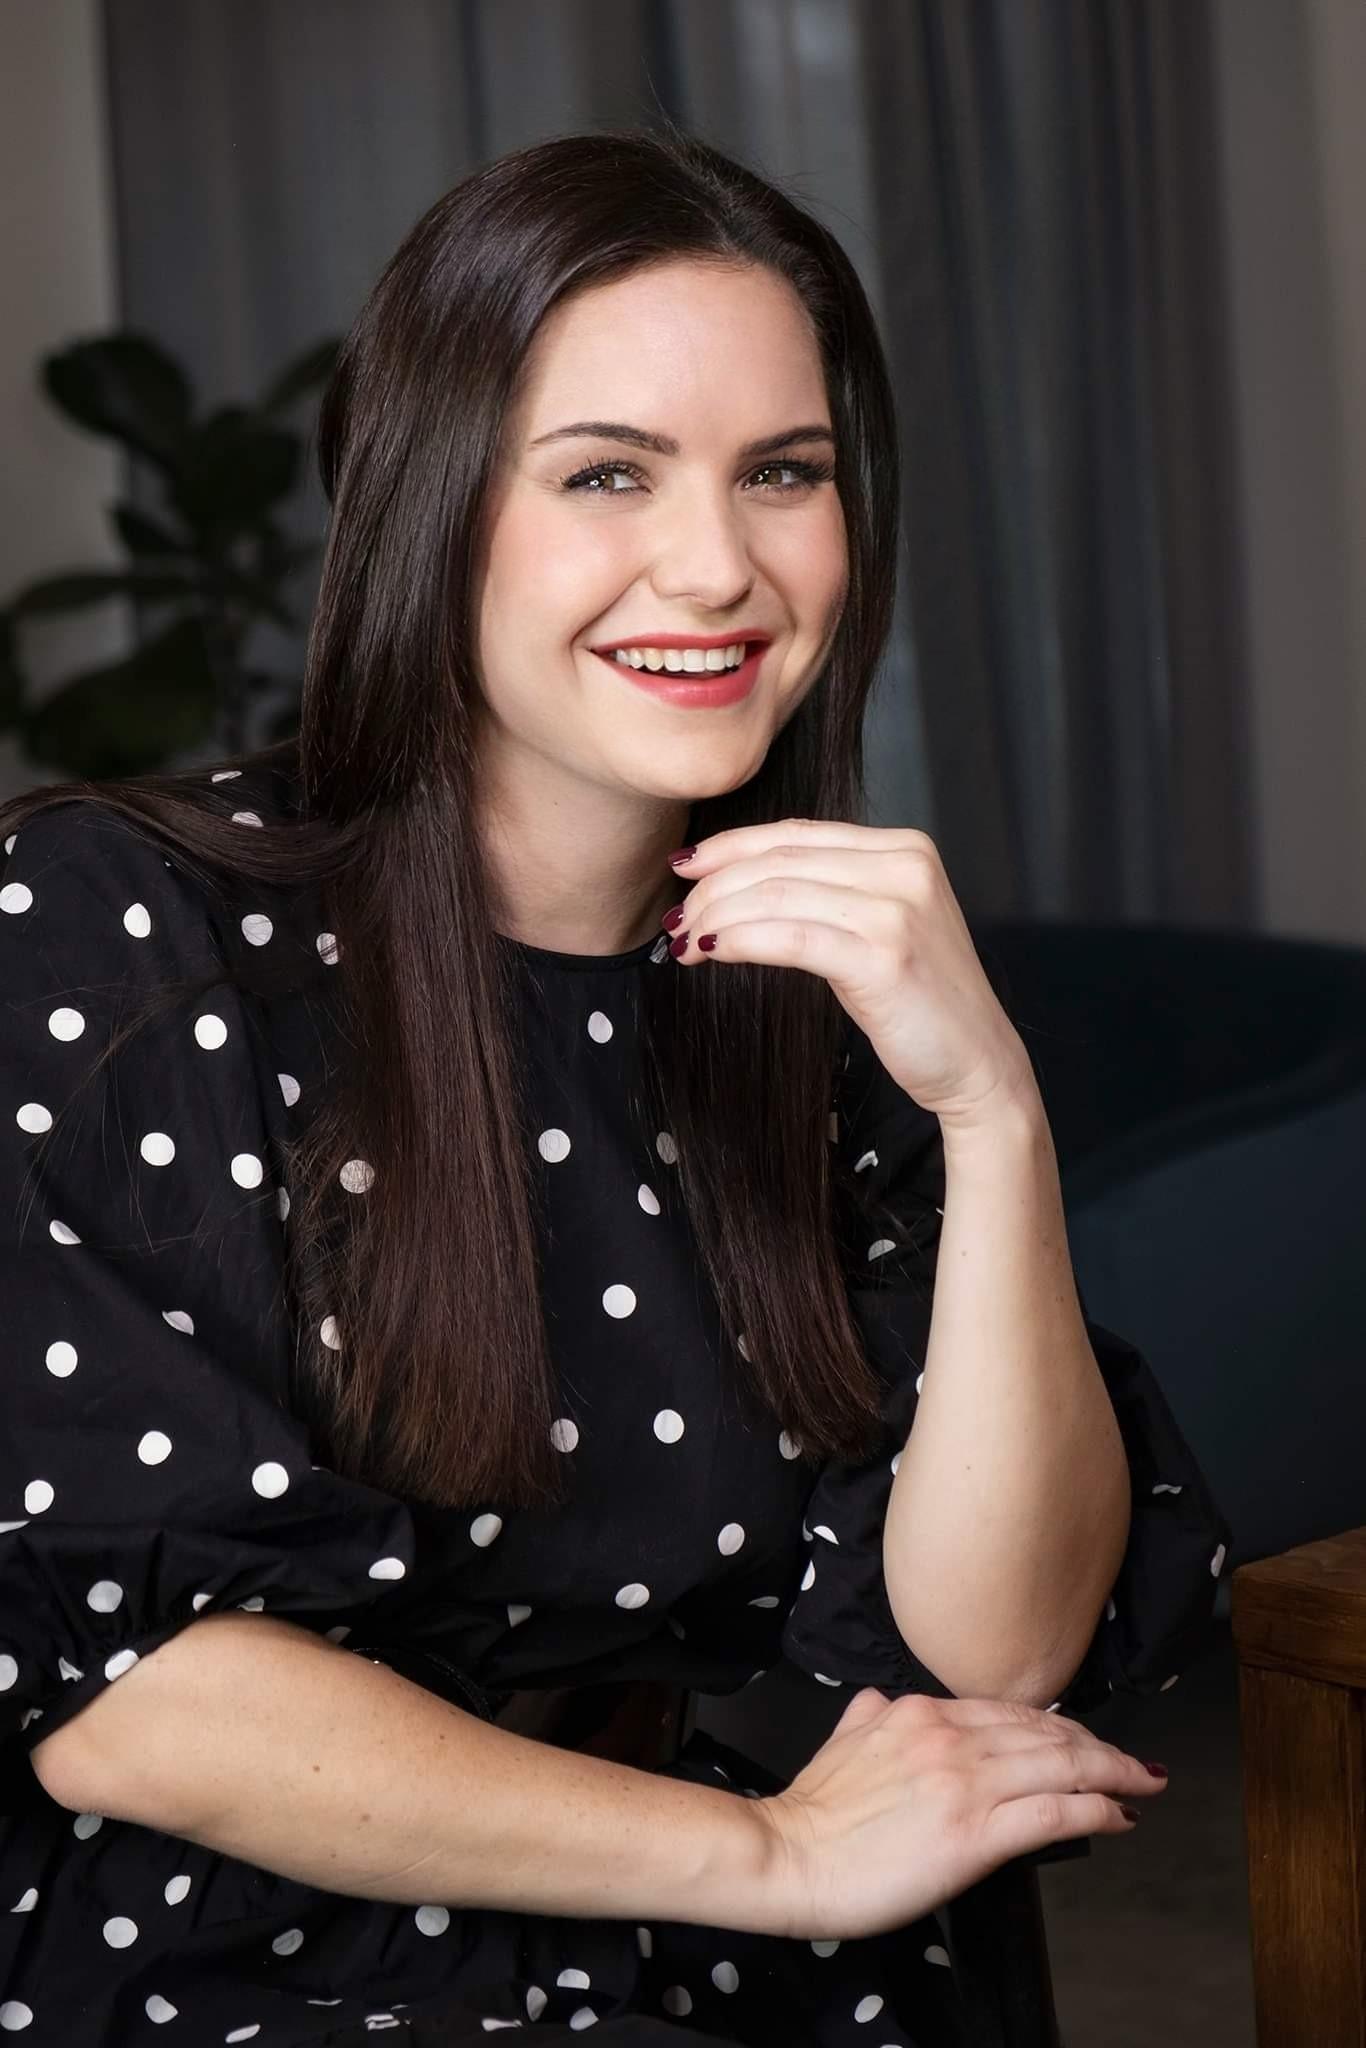 Kristína Kurinová